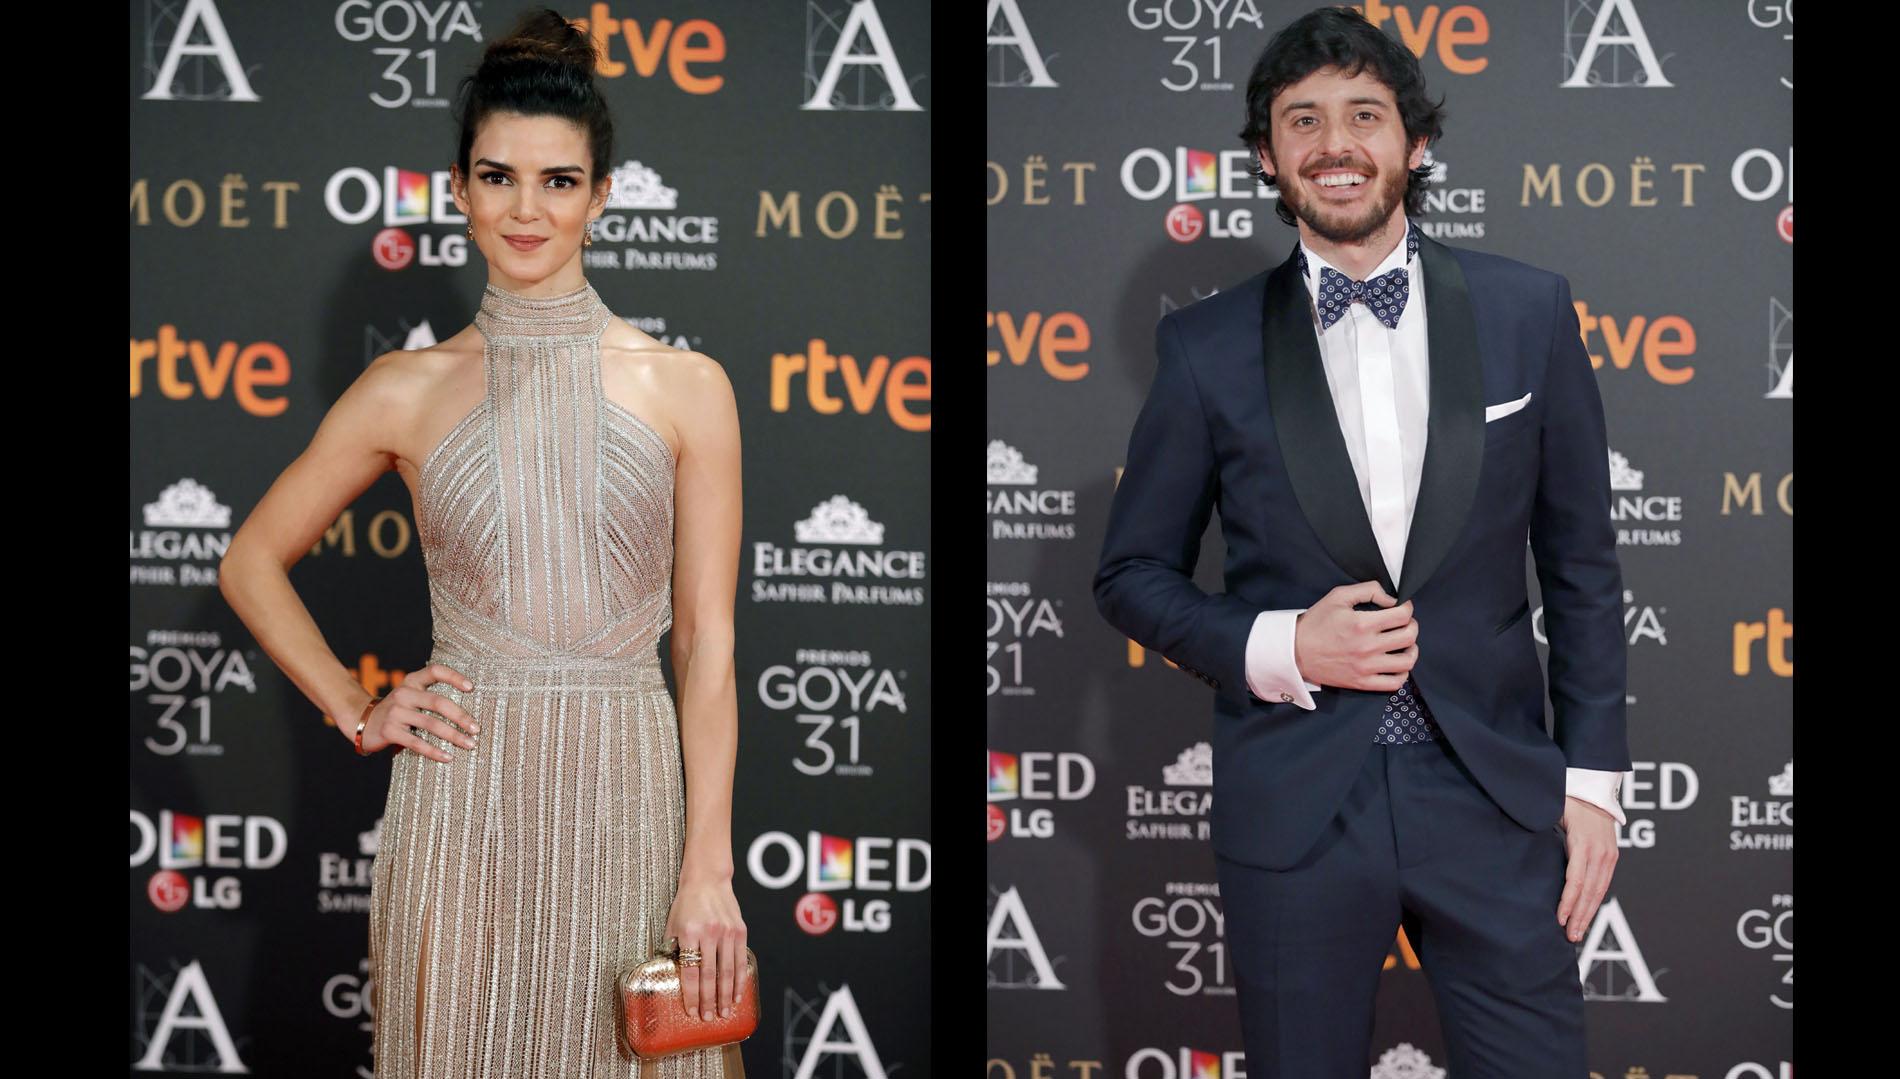 La actriz Clara Lago y el actor Javier Pereira, quien viste esmoquin de Anglomanía, camisa Mirto y zapatos Armani.